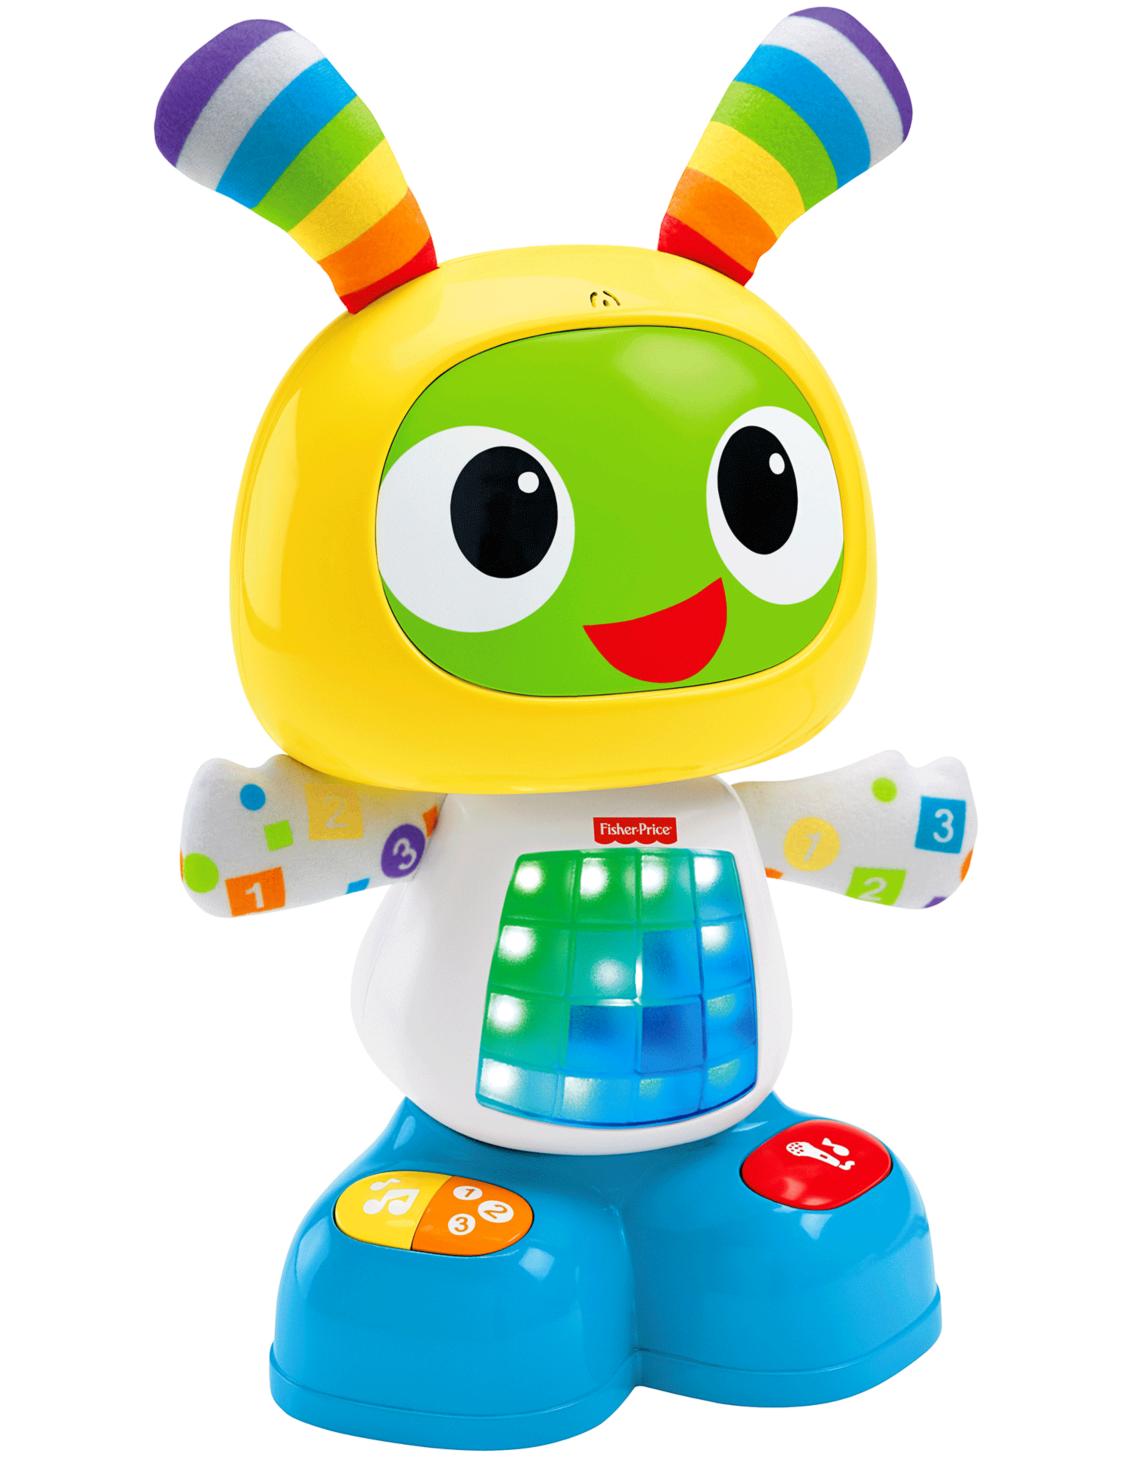 Fisher Price Обучающий робот Бибо - Интерактив для малышей, артикул: 128415